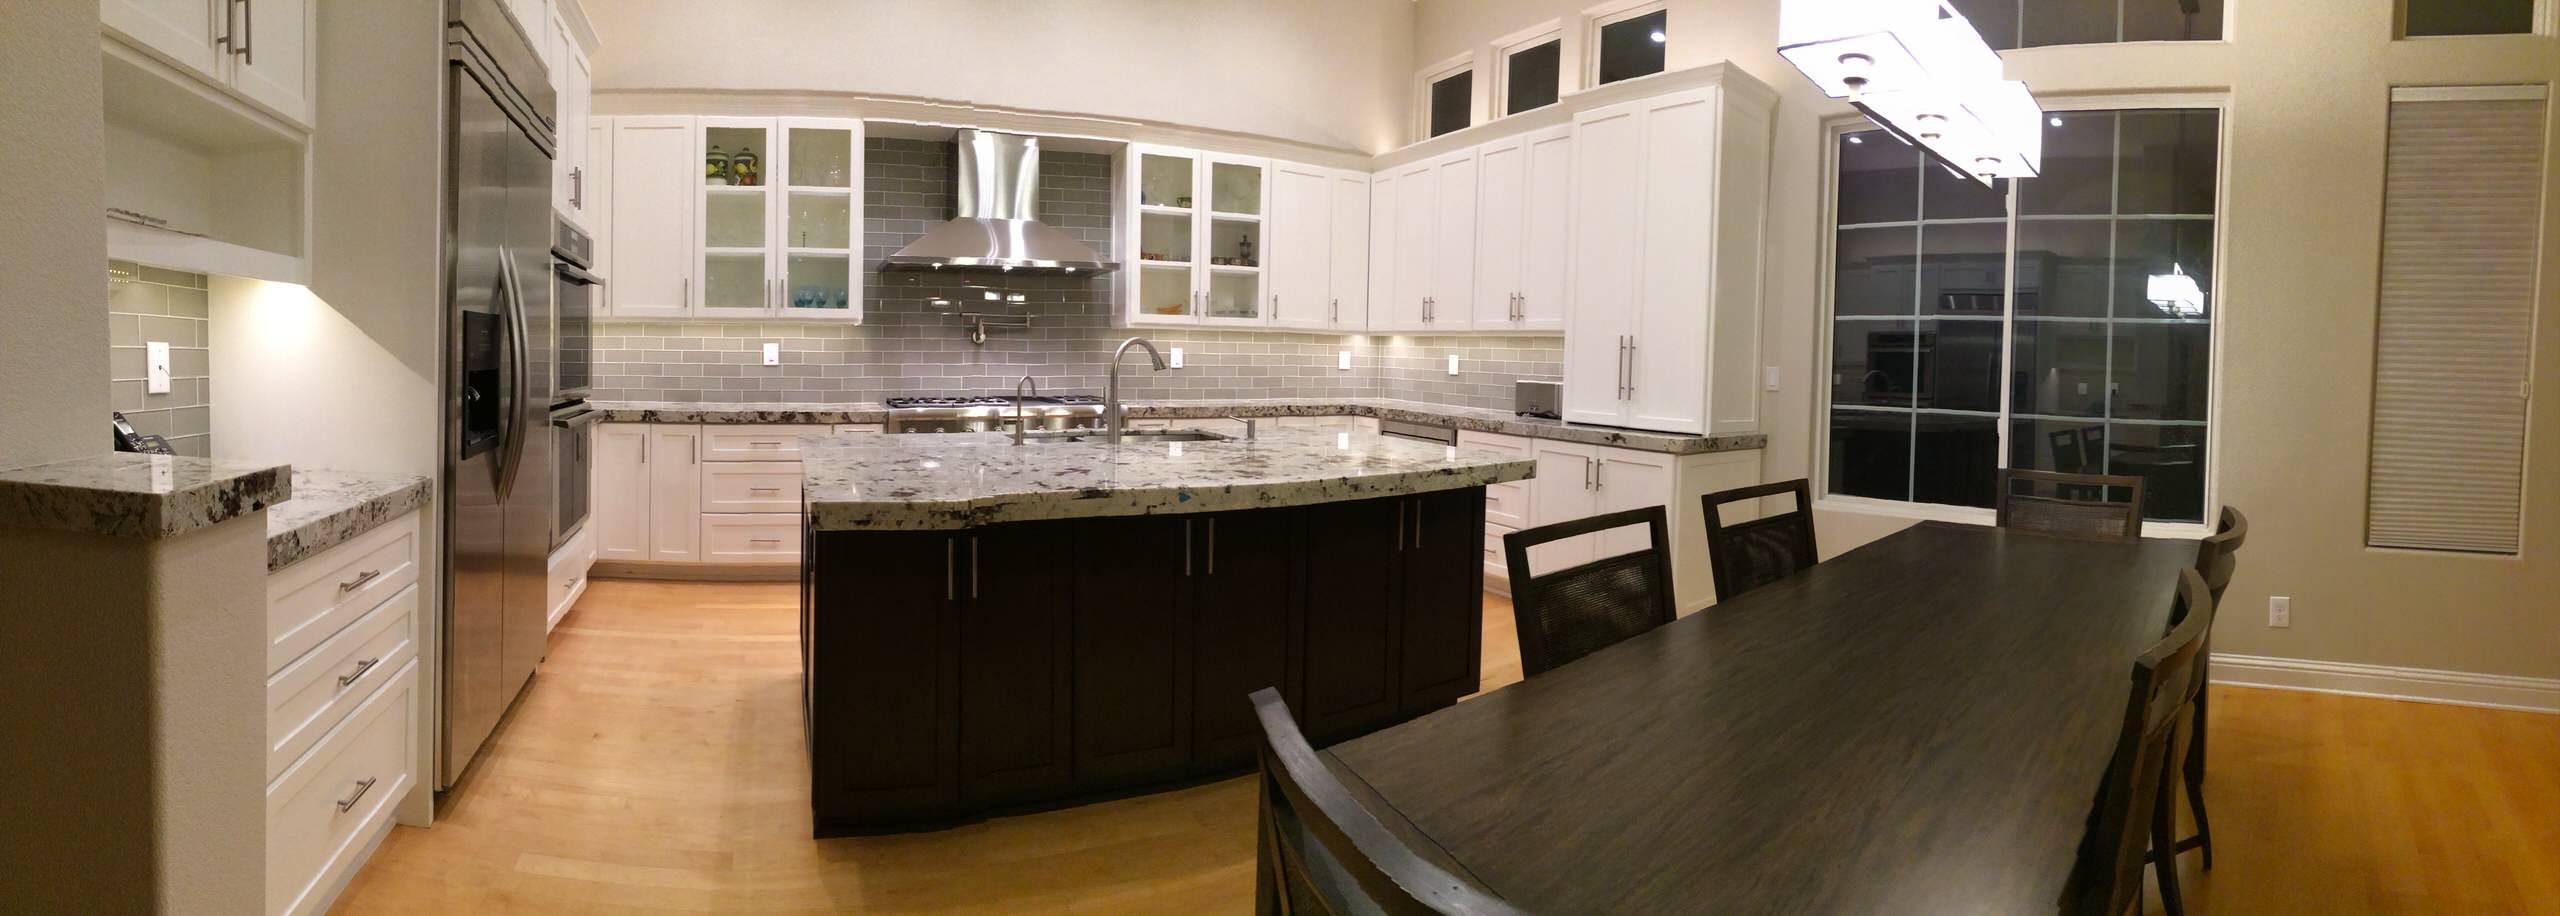 Lylewood, Pleasanton Kitchen